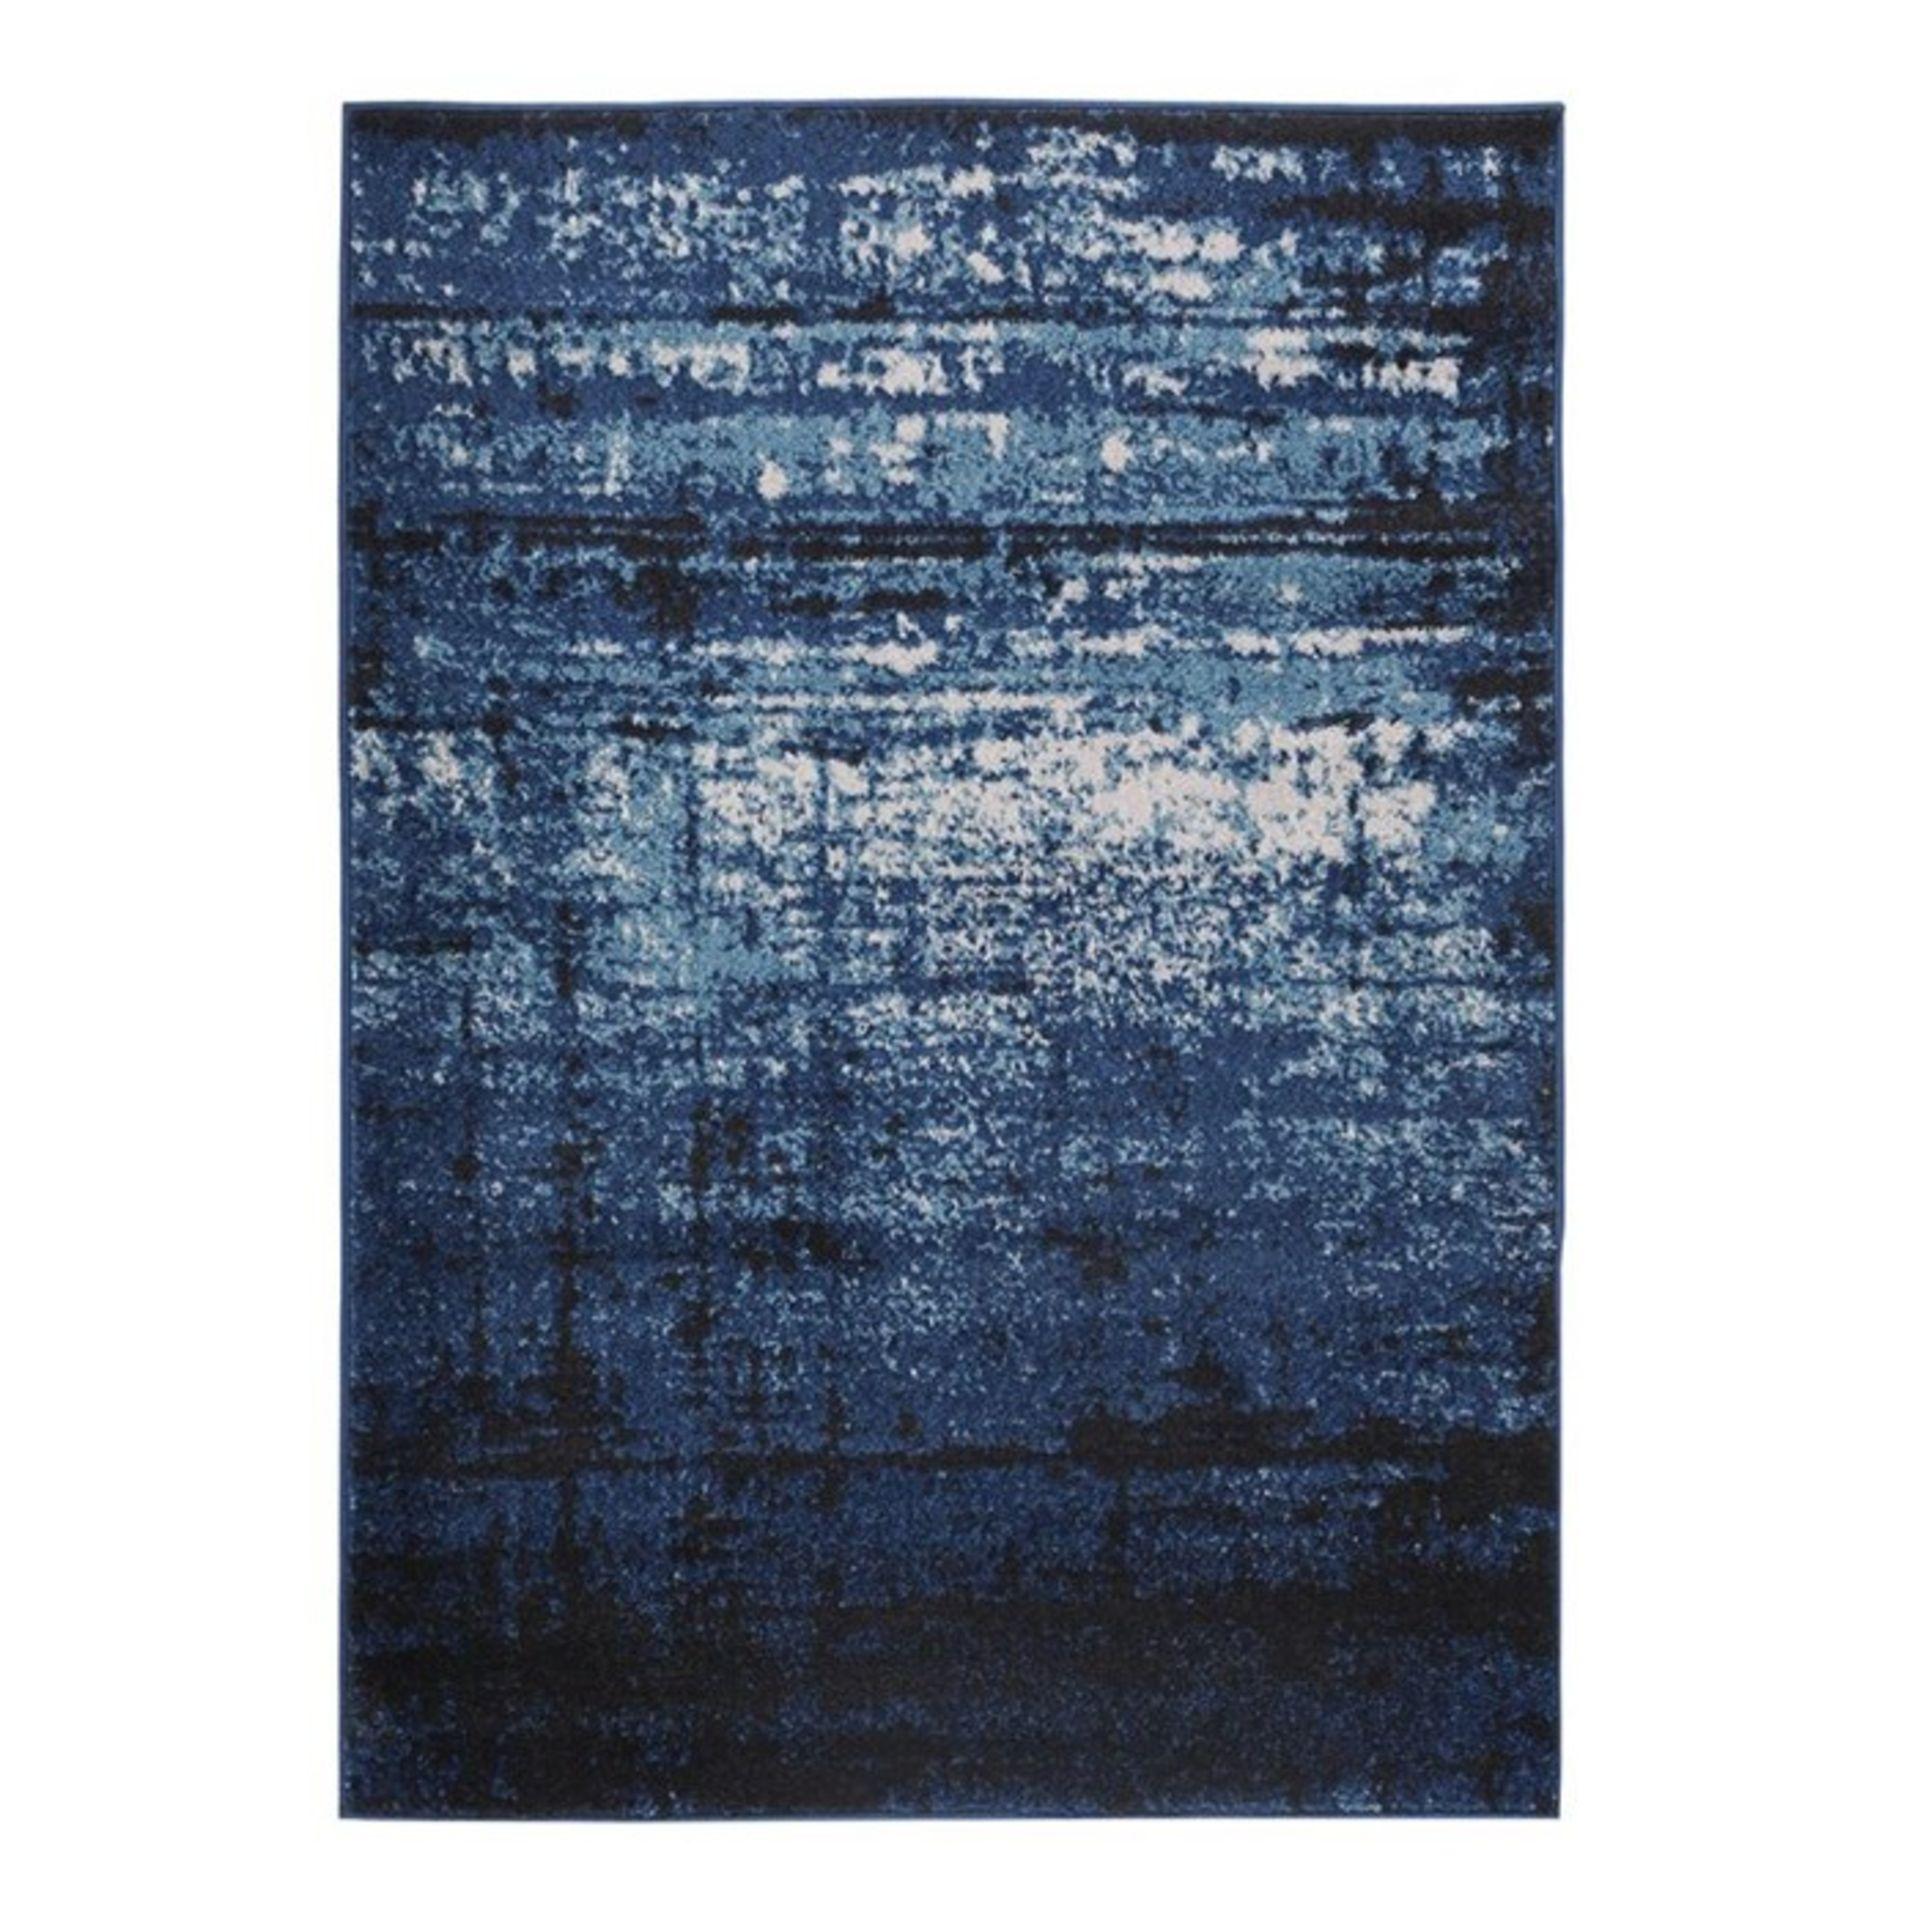 Sydney Vintage Distressed Crosby Blue Rug Rug Size: Rectangle 160 x 220cm (HL7 - 3/18 -WEWO1031.